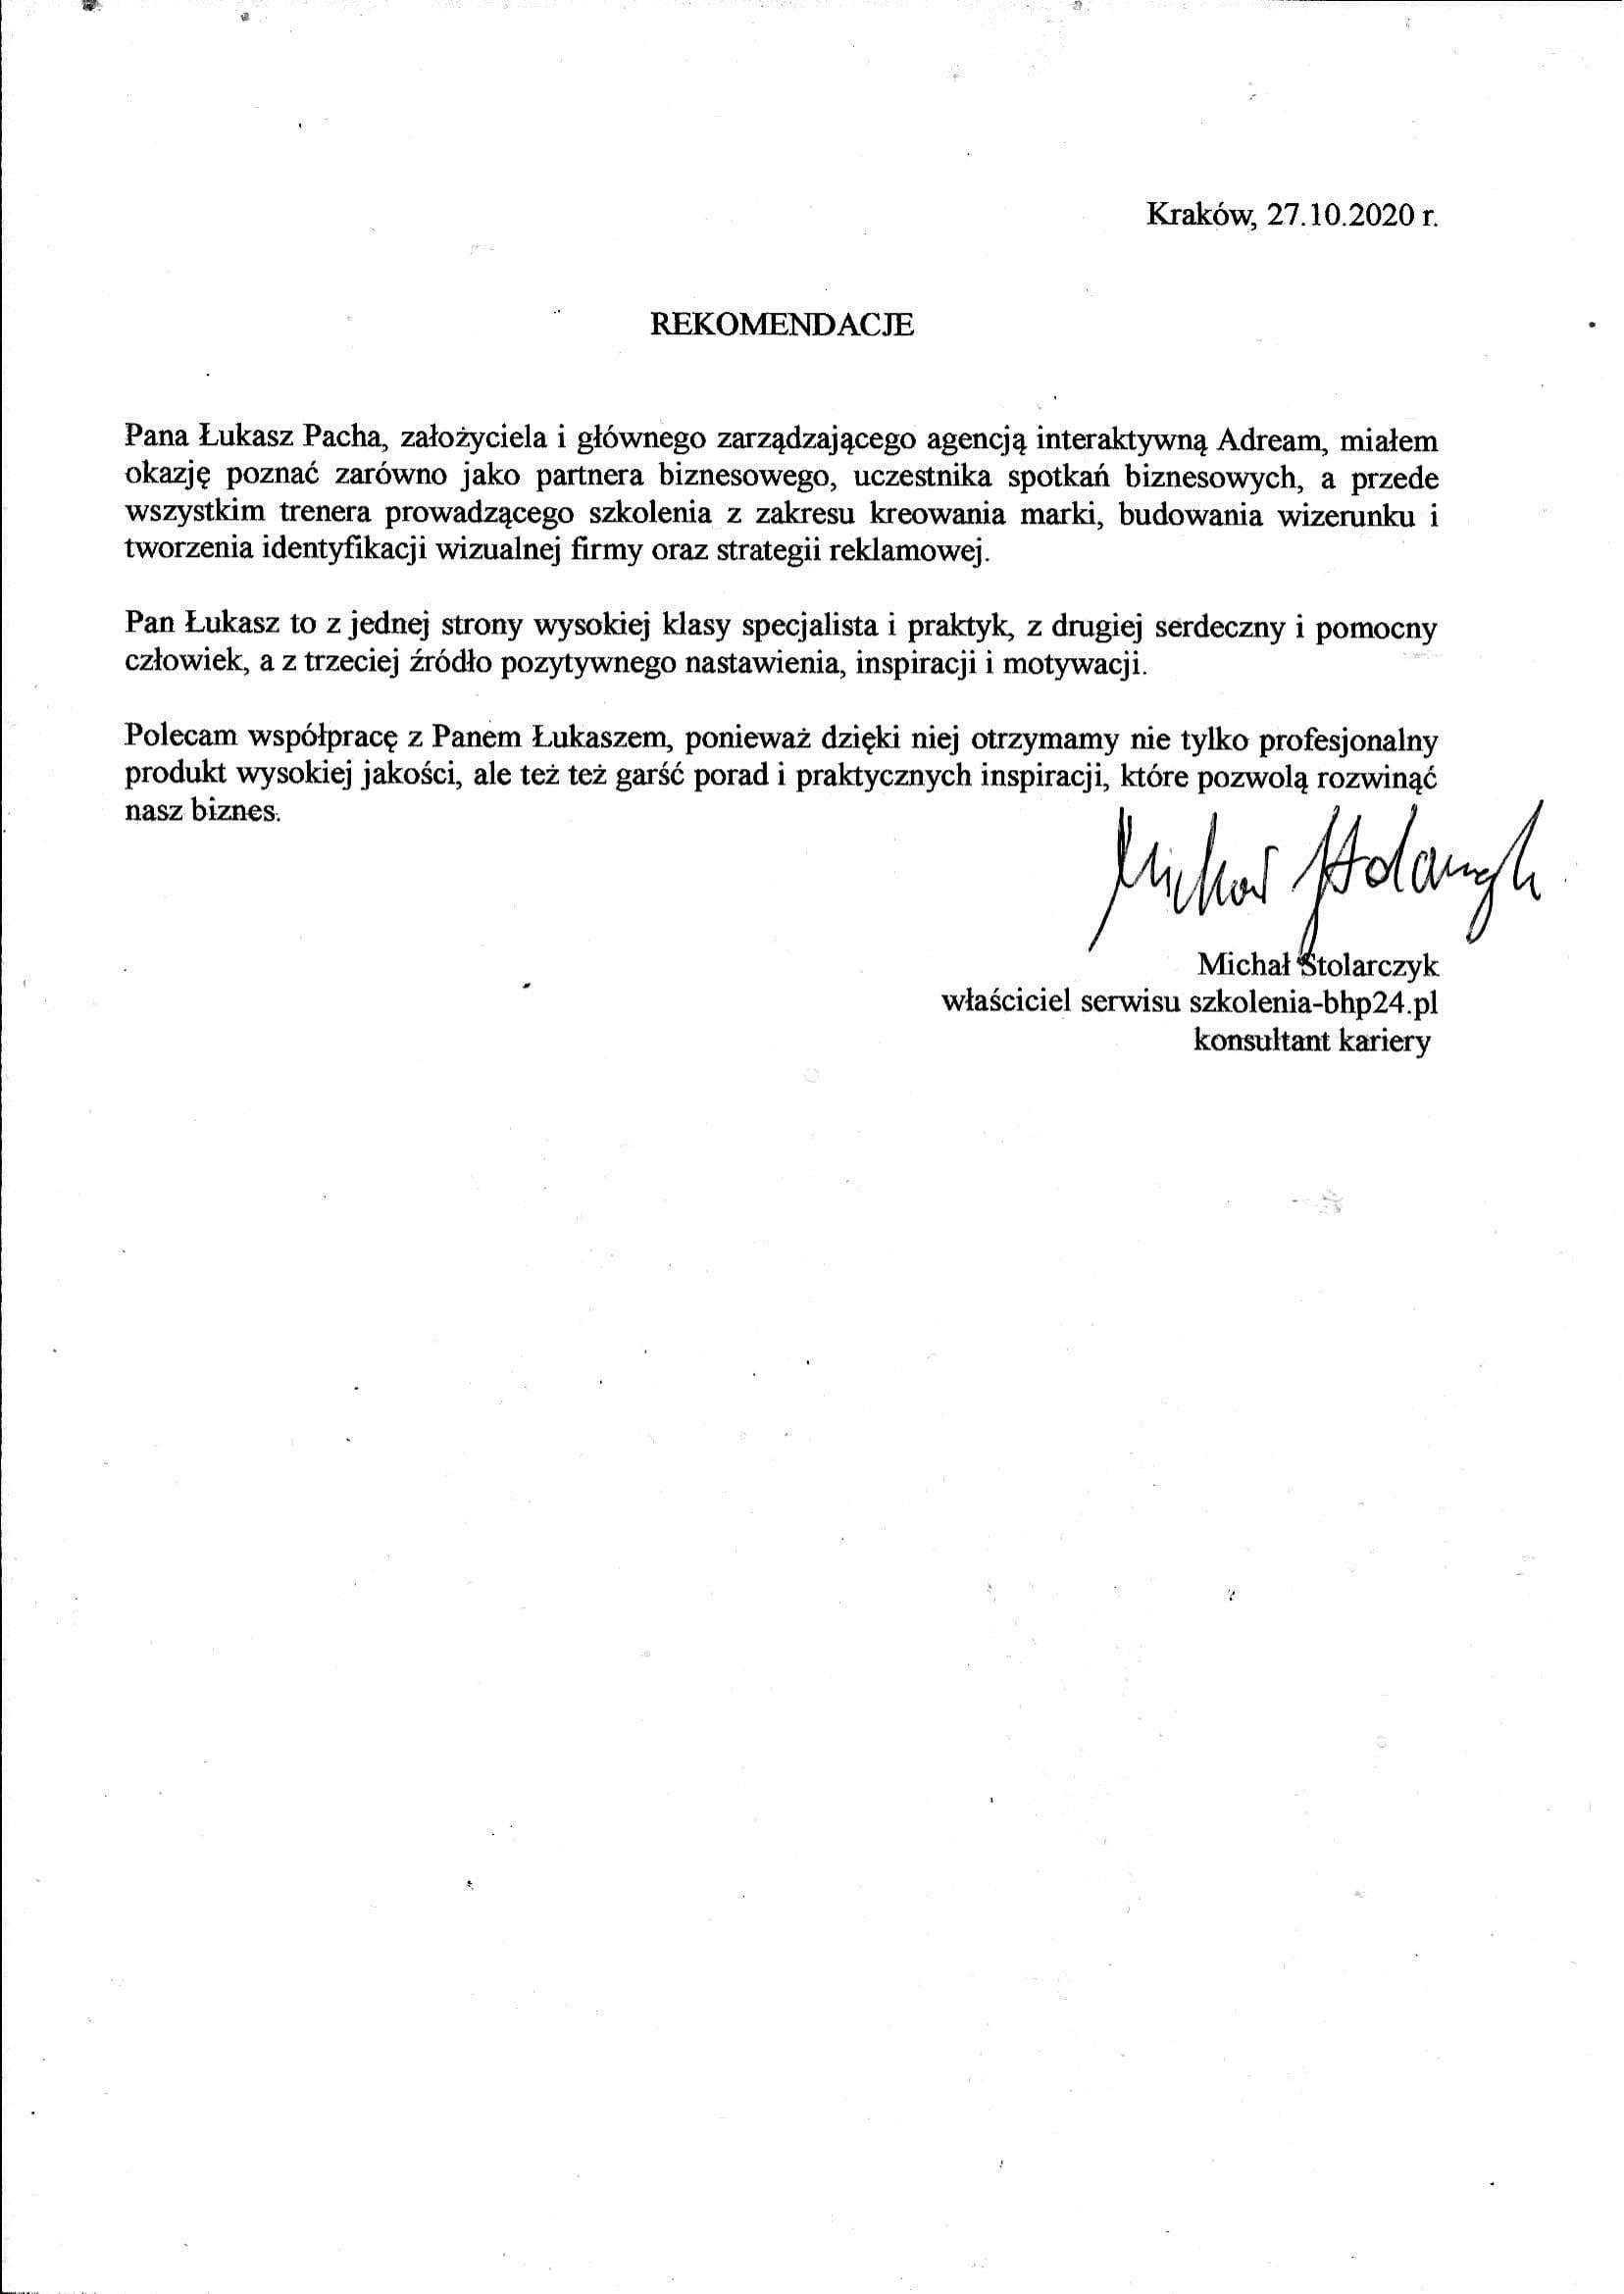 Usługi edukacyjno-psychologiczne Michał Stolarczyk